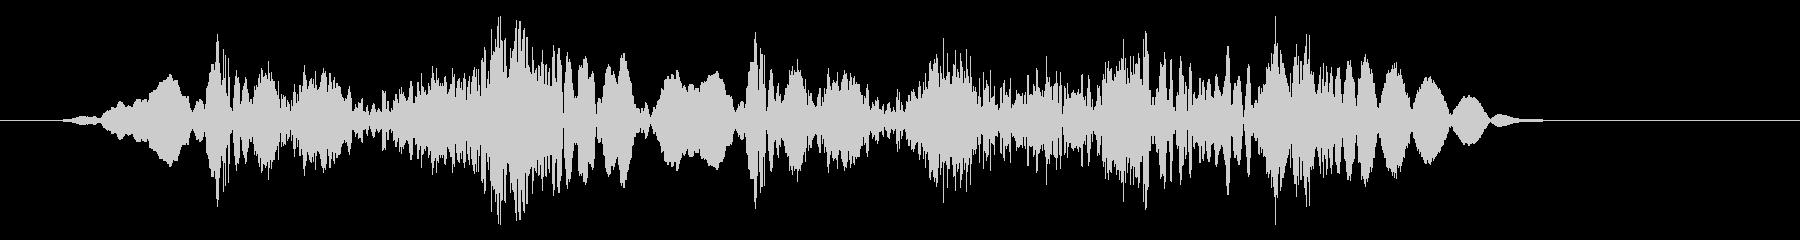 高速なびくスクラッチザップ2の未再生の波形